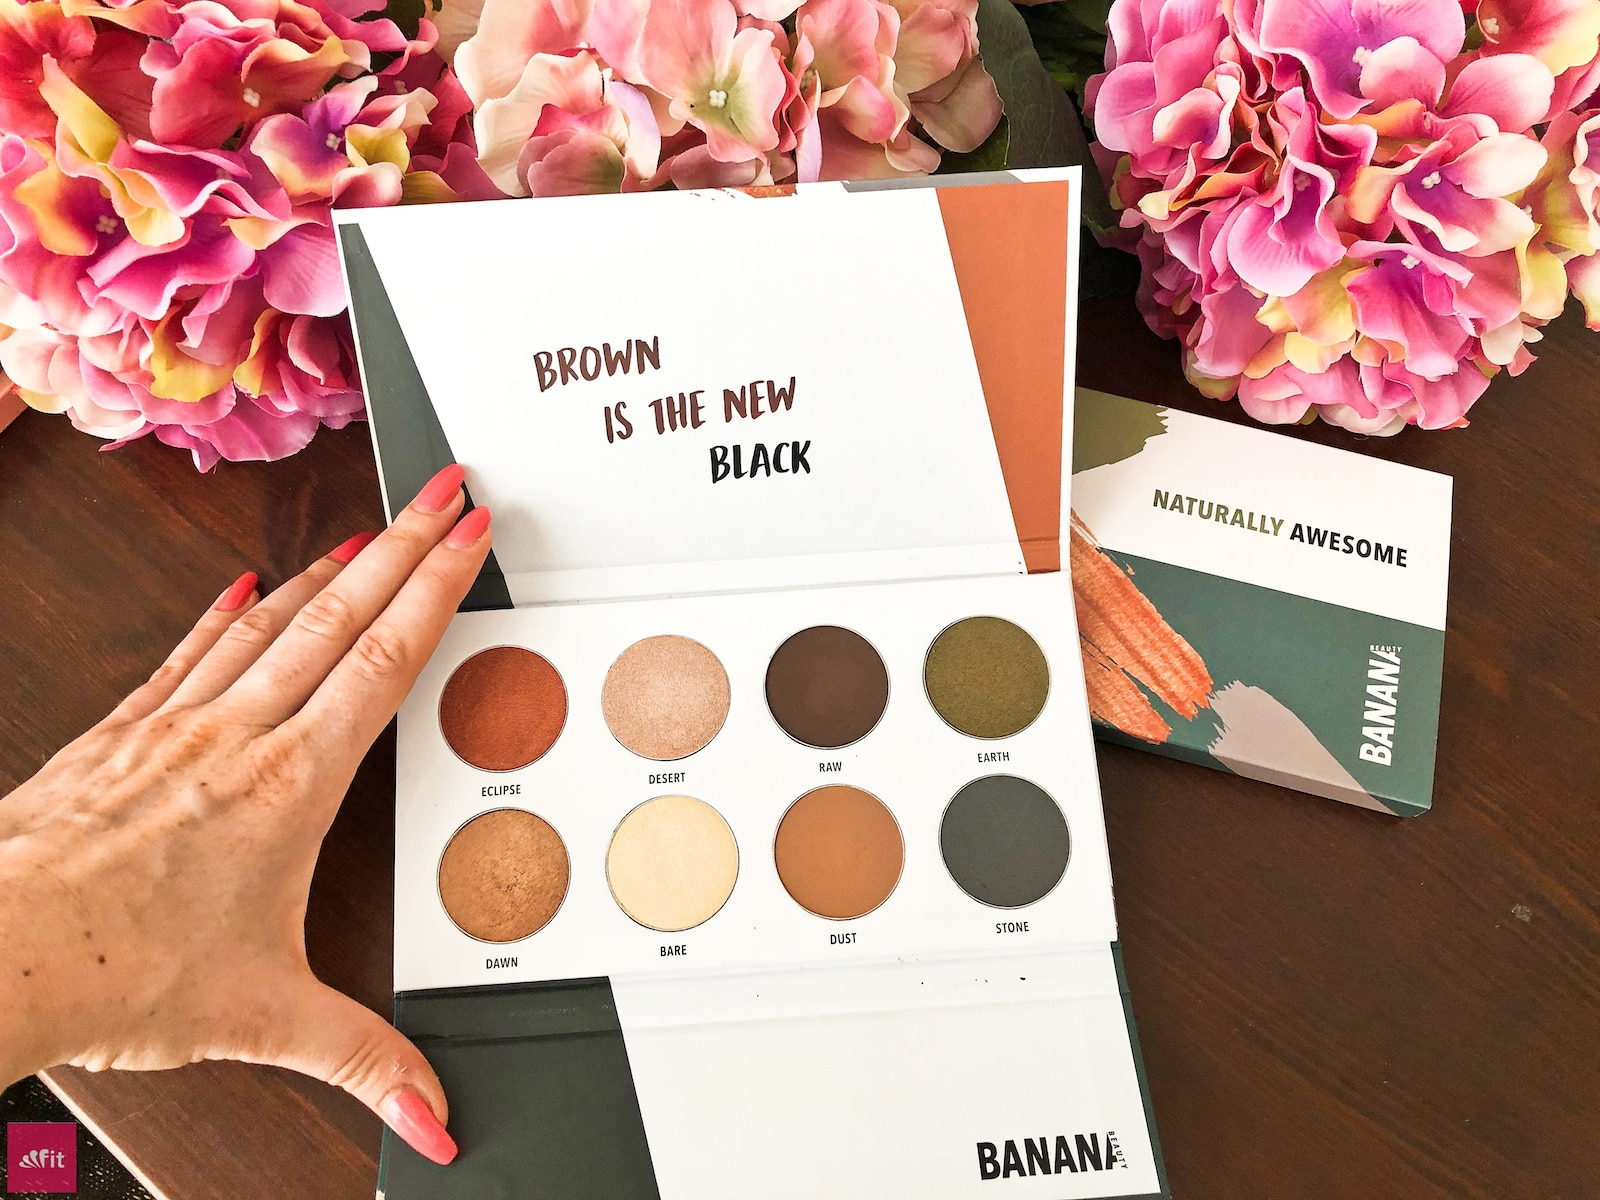 #BANANABEAUTY #EYESHADOW #IDEEN #LIDSCHATTEN #Beautyblog #Erfahrung mit der NATURALLY AWESOME PALETTE von Banana Beauty(Werbung) und meine #Erfahrungen, 8 verschiedene Lidschatten Farben, fast alle #vegan für ein natürliches #Augen #MakeUp auch für deine #Hochzeit, #Geburtstag.Eyeshadow Paletten Erfahrungsbericht für blaue Augen, braune Augen und grüne Augen. Bewertung der Eyeshadow Banana Beauty Sets. Spare bis zu 40% #Rabatt im Online Shop siehe Blogpost(Gutschein Code: fitweltweit)